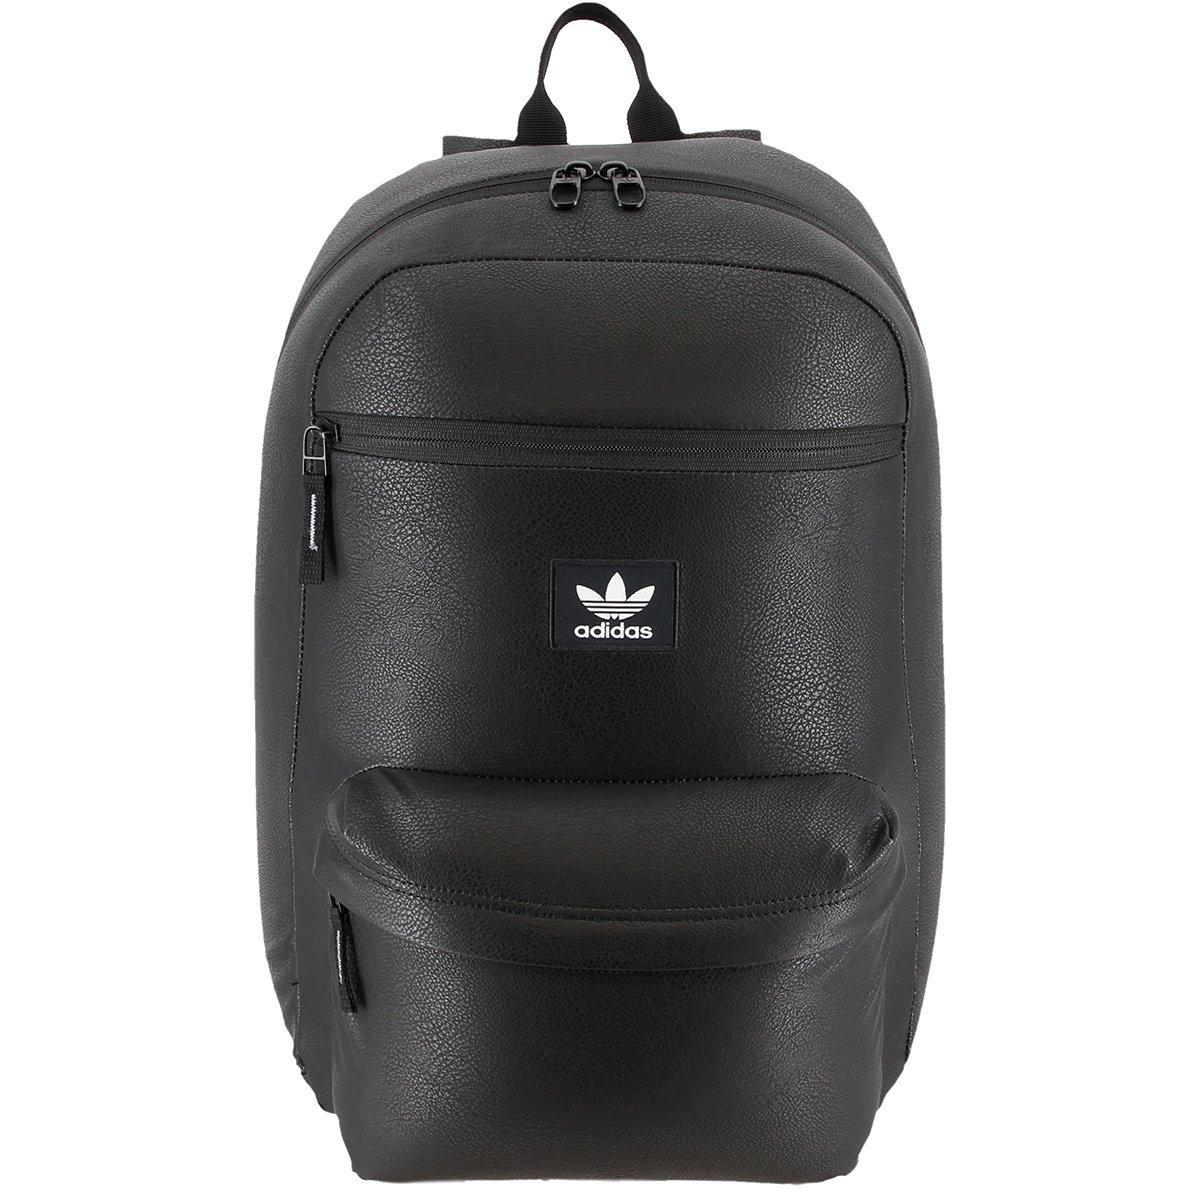 Cuero Zoom Negro Talla Nacional Adidas Mochila Originals Pu Cargando xAptBXn